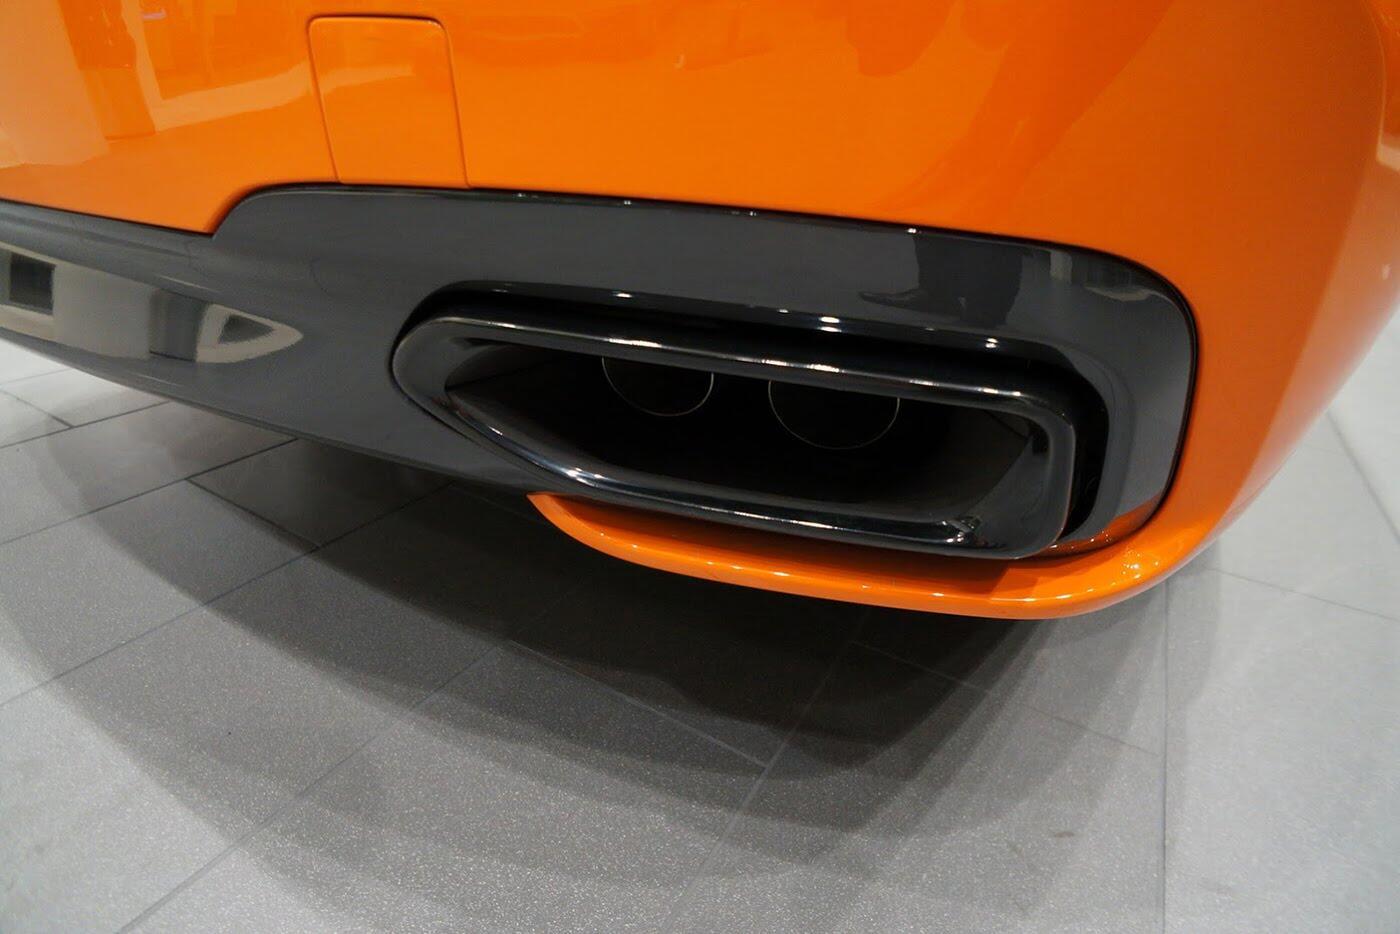 Cận cảnh BMW 750i 2017 phiên bản đặc biệt Fire Orange - Hình 15